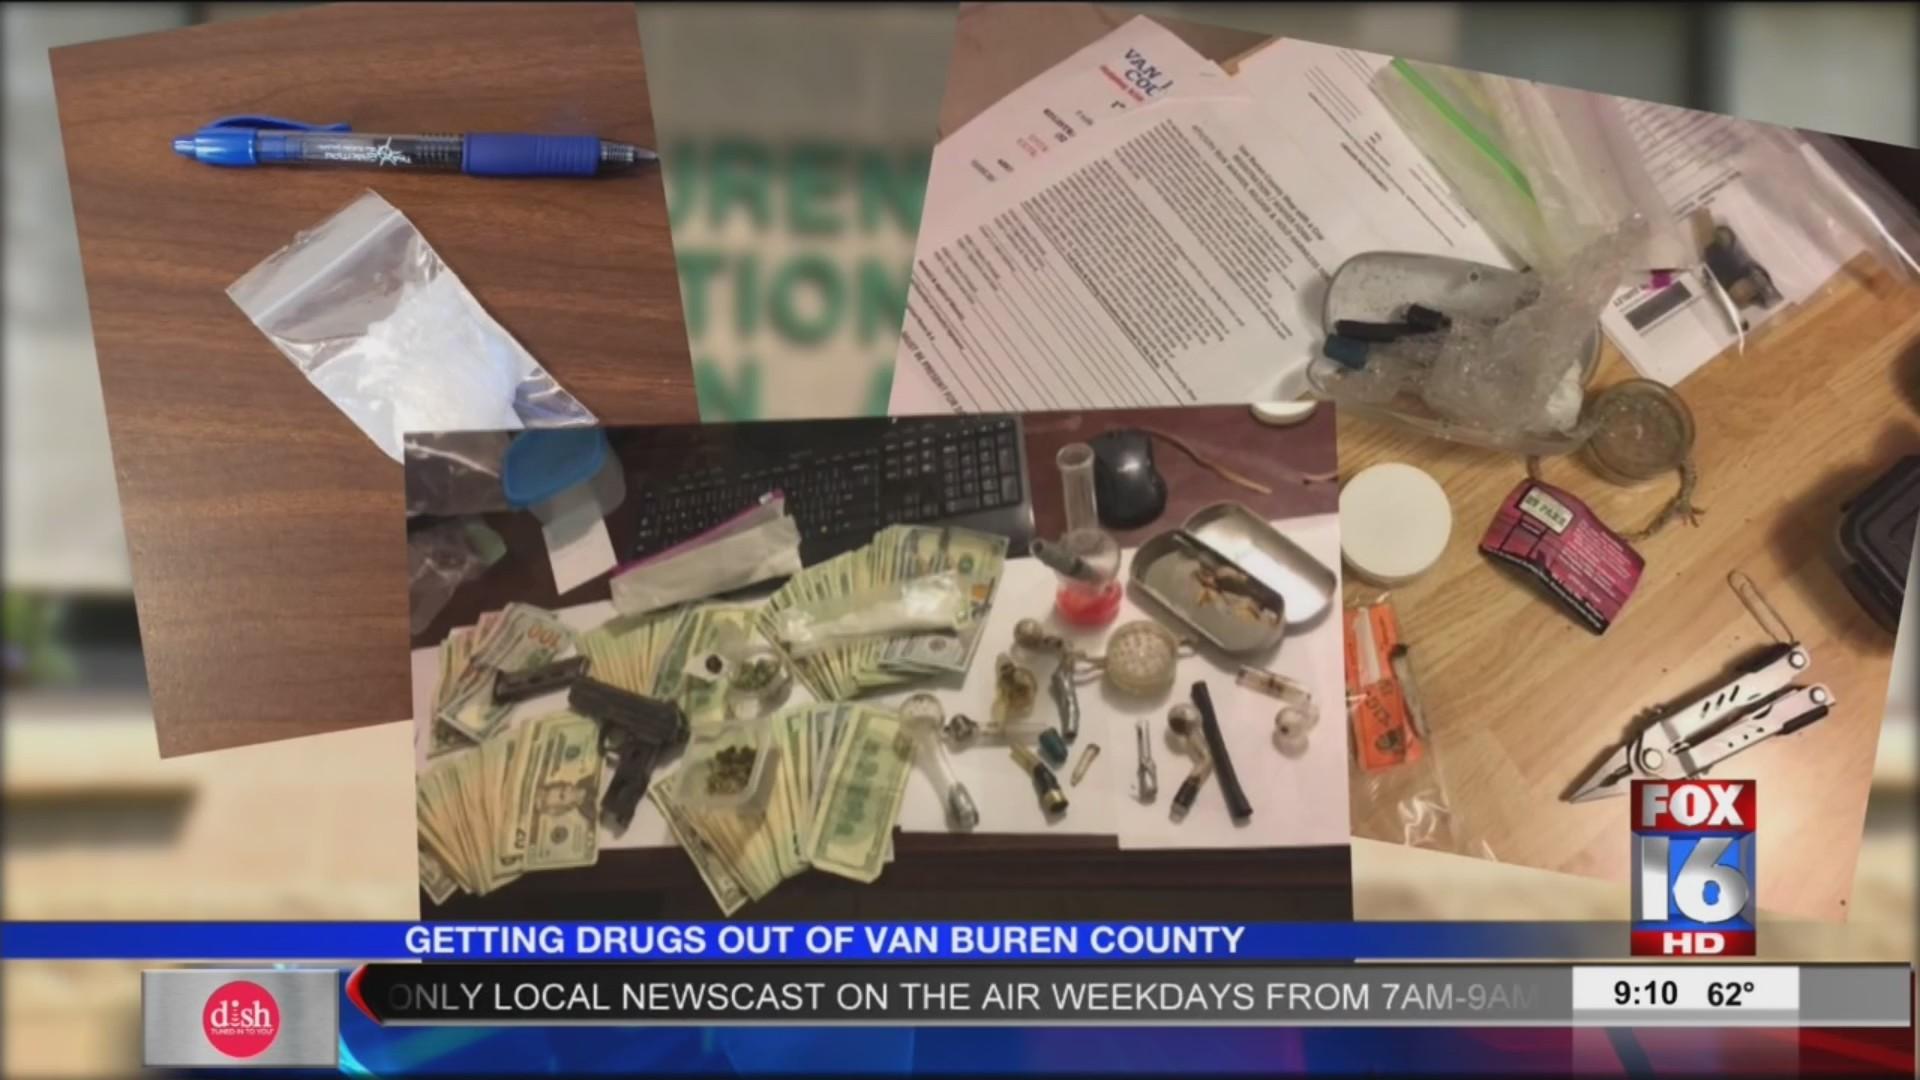 New sheriff cracking down on drugs in Van Buren County